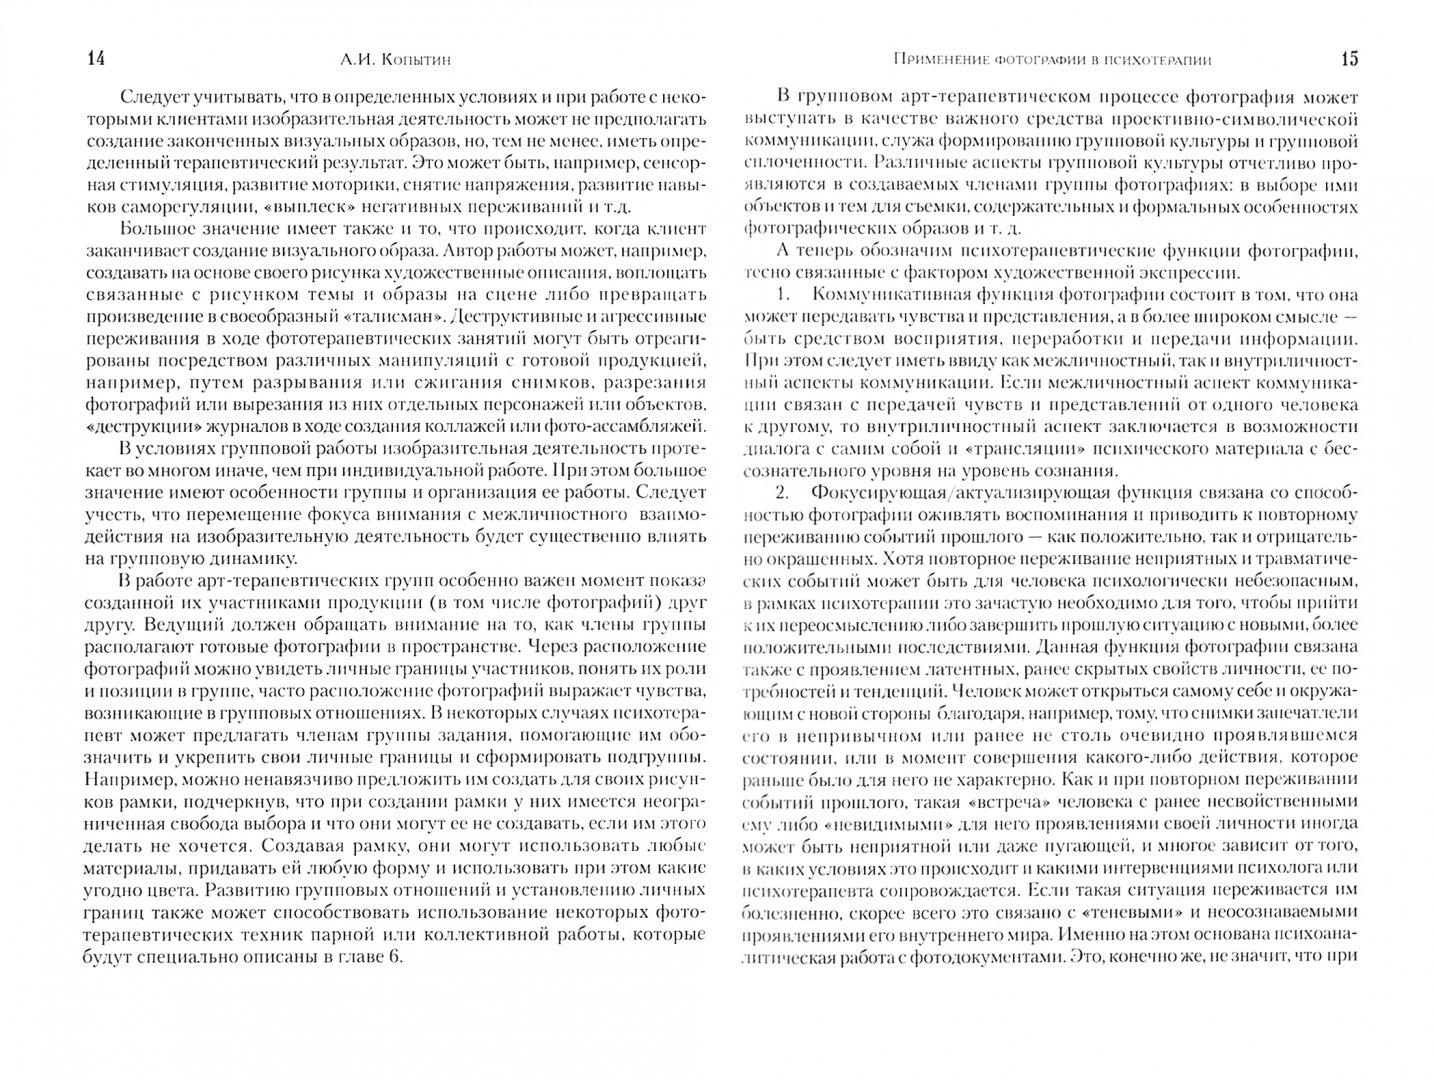 Иллюстрация 1 из 8 для Фототерапия. Использование фотографии в психологической практике - Копытин, Ашастина, Барби, Гоголевич   Лабиринт - книги. Источник: Лабиринт